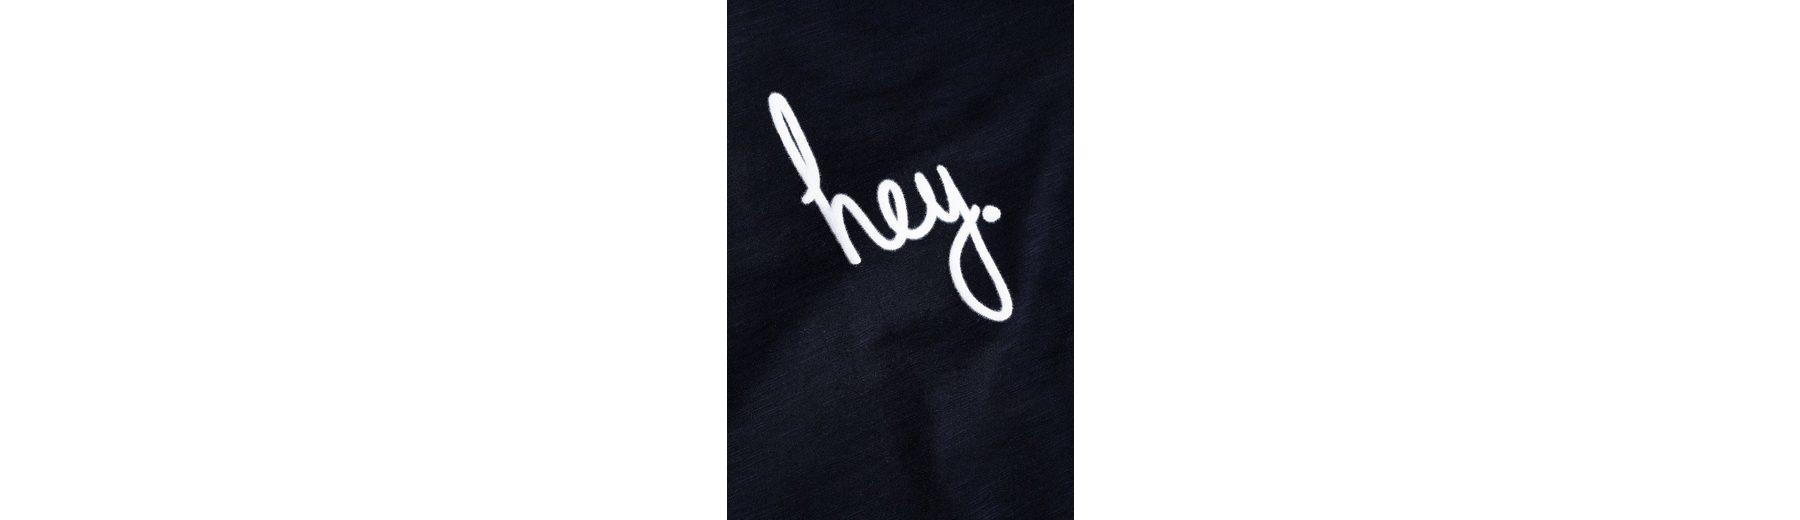 Next Langarmshirt mit Hey-Grafik Die Günstigste Online Mit Paypal Günstig Online Angebote Günstigen Preis Rabatt Fälschung Freies Verschiffen 100% Authentisch ZIe8t